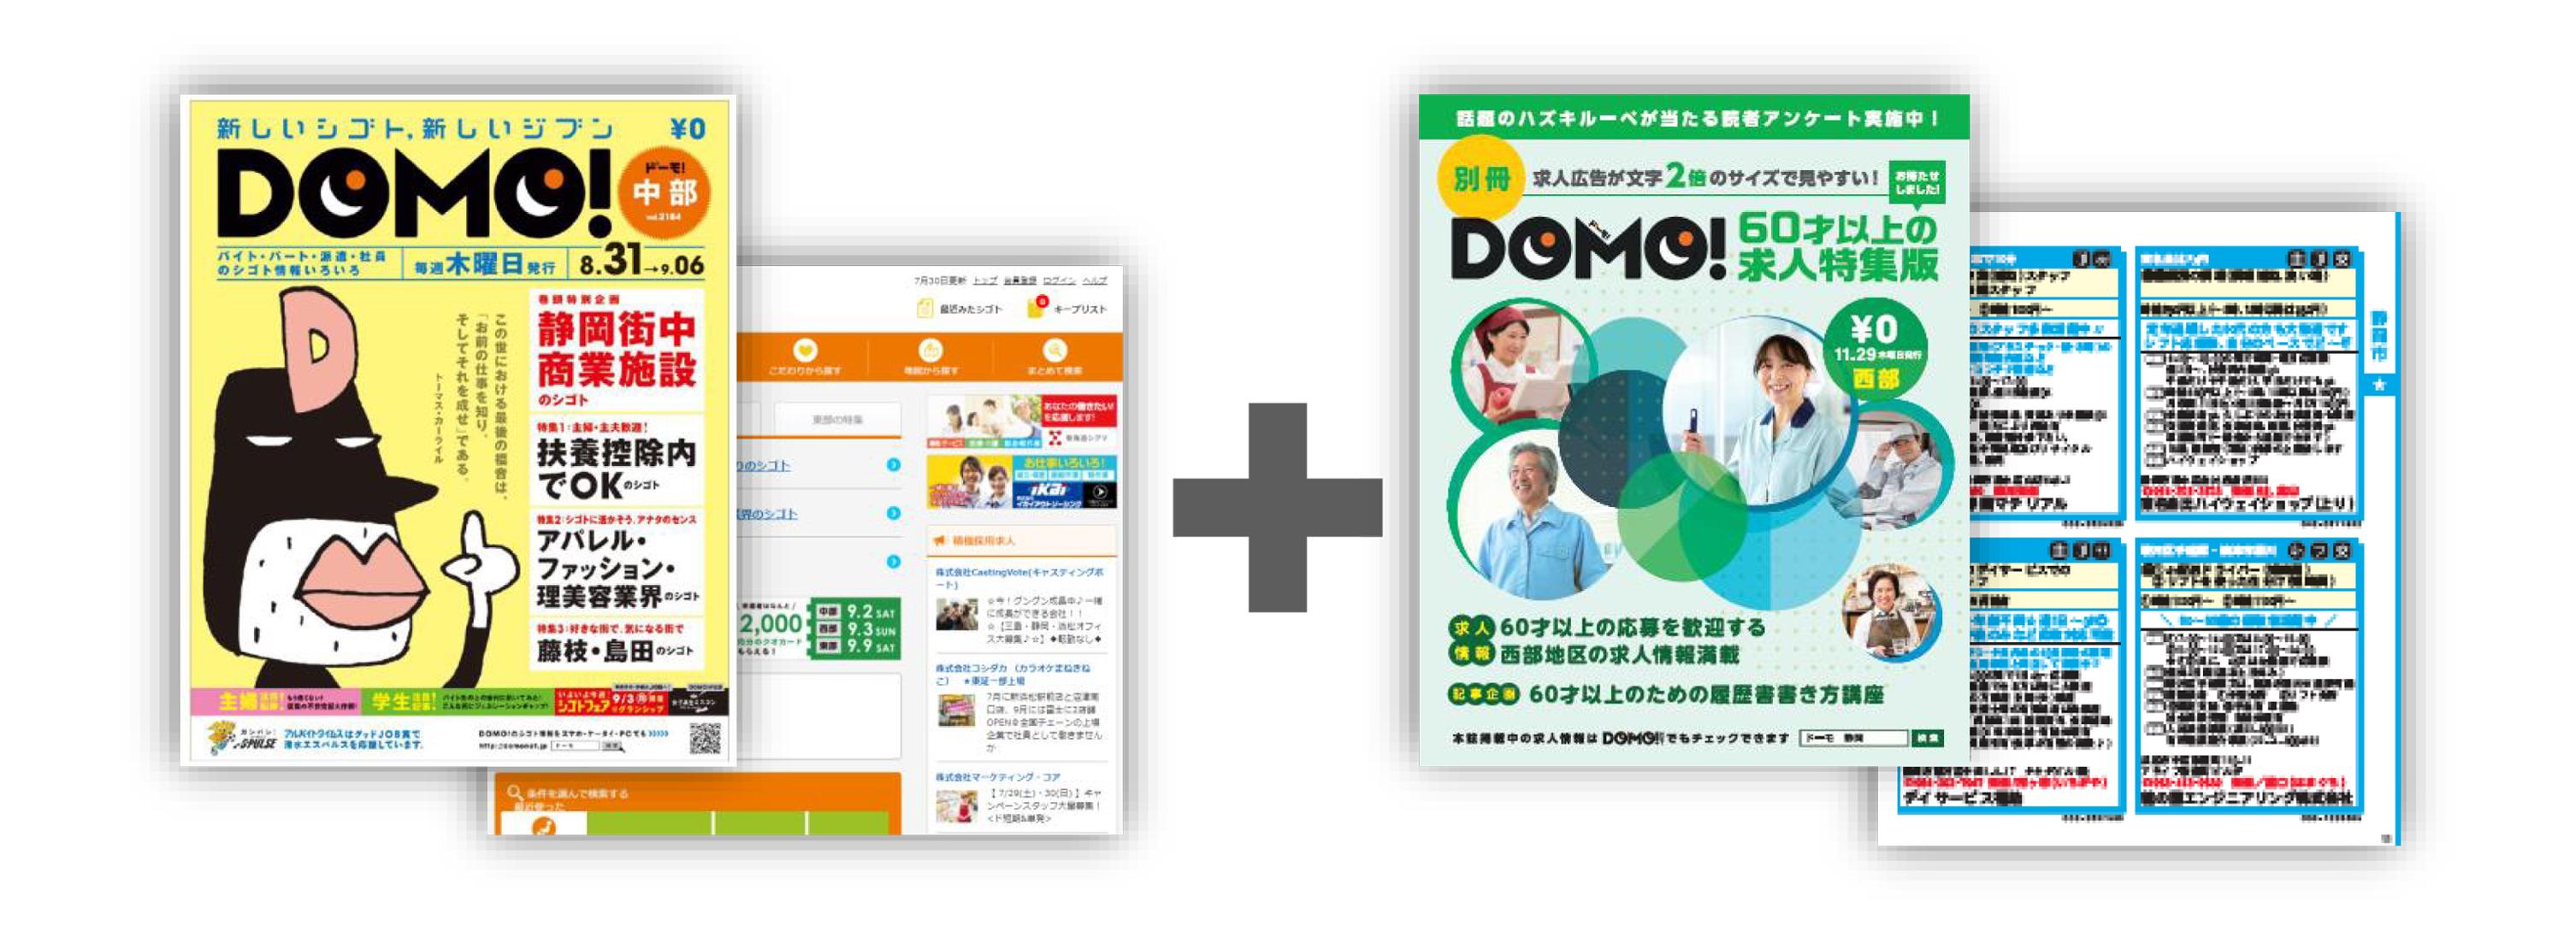 DOMO_bextusatu_set